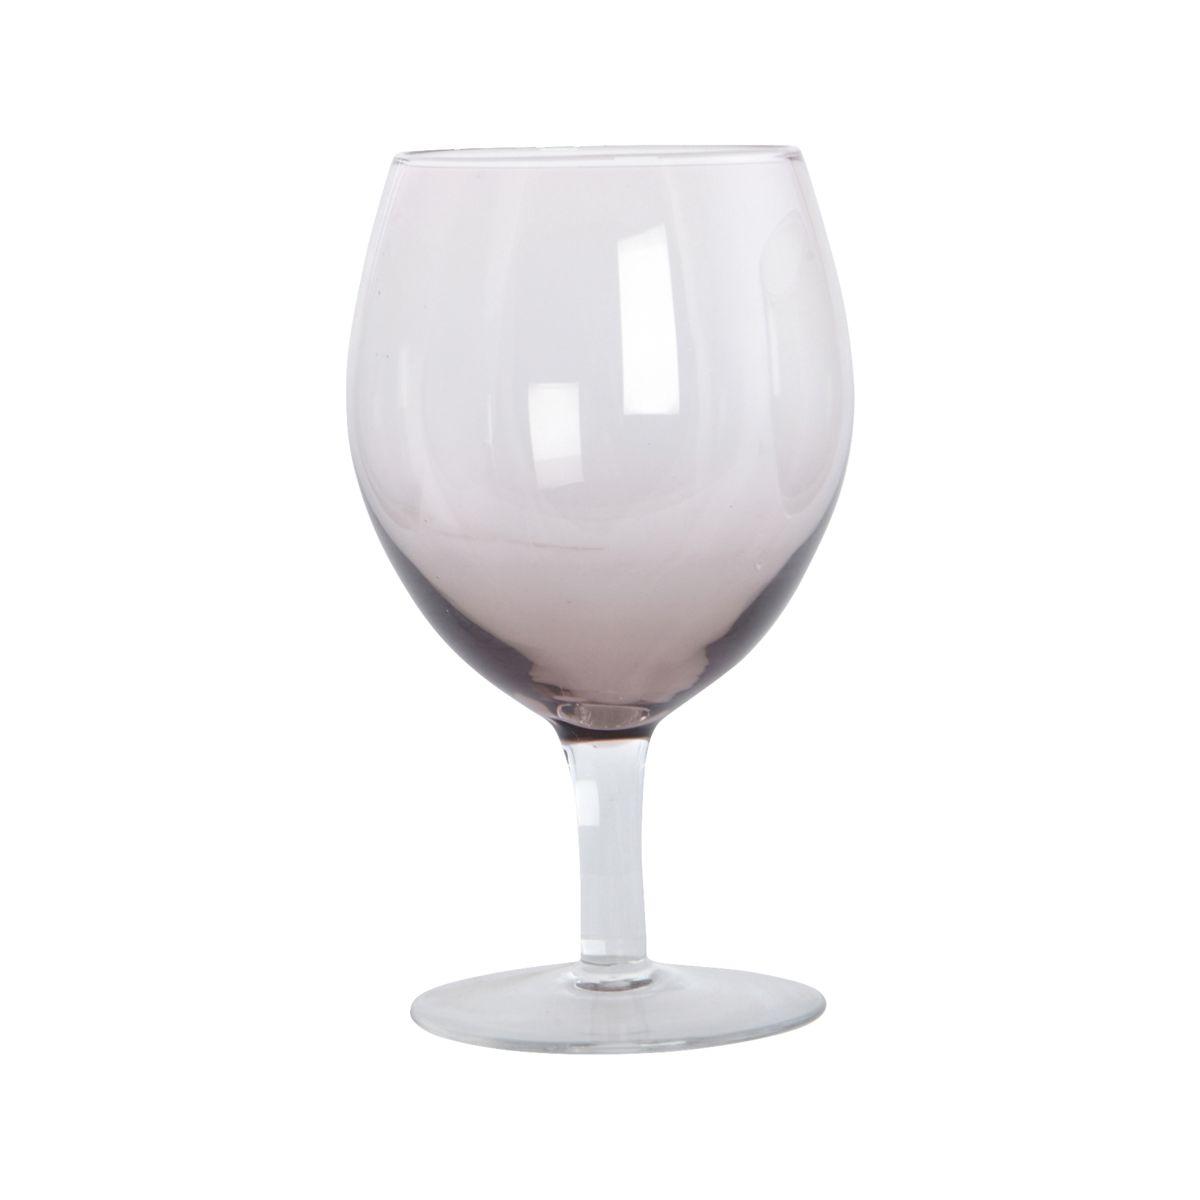 House Doctor - Ball Wijnglas - Set van 4 - Paars